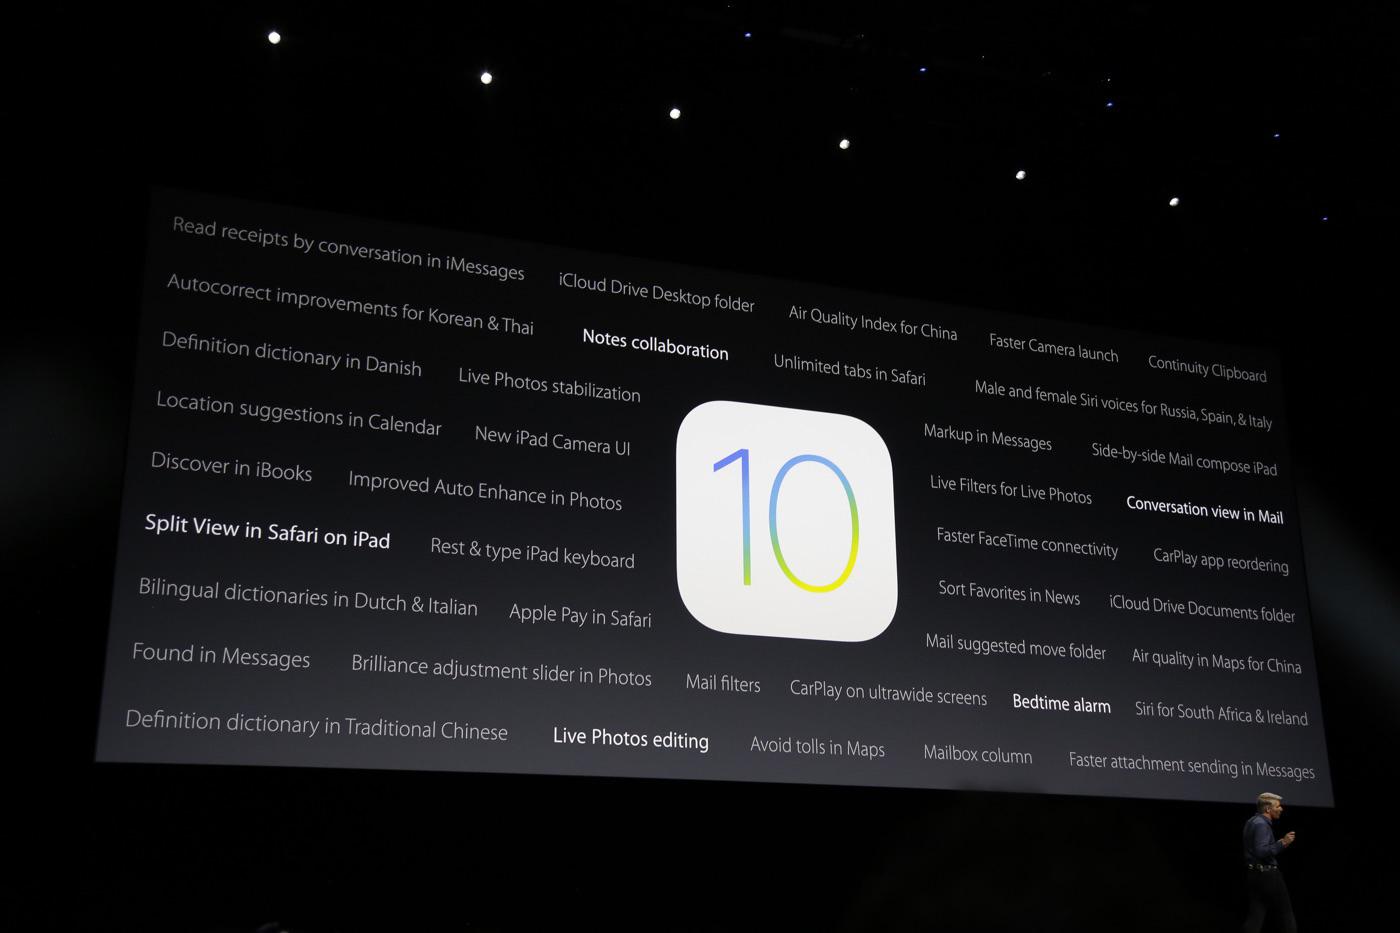 Lista de mudanças do iOS 10 na WWDC 2016